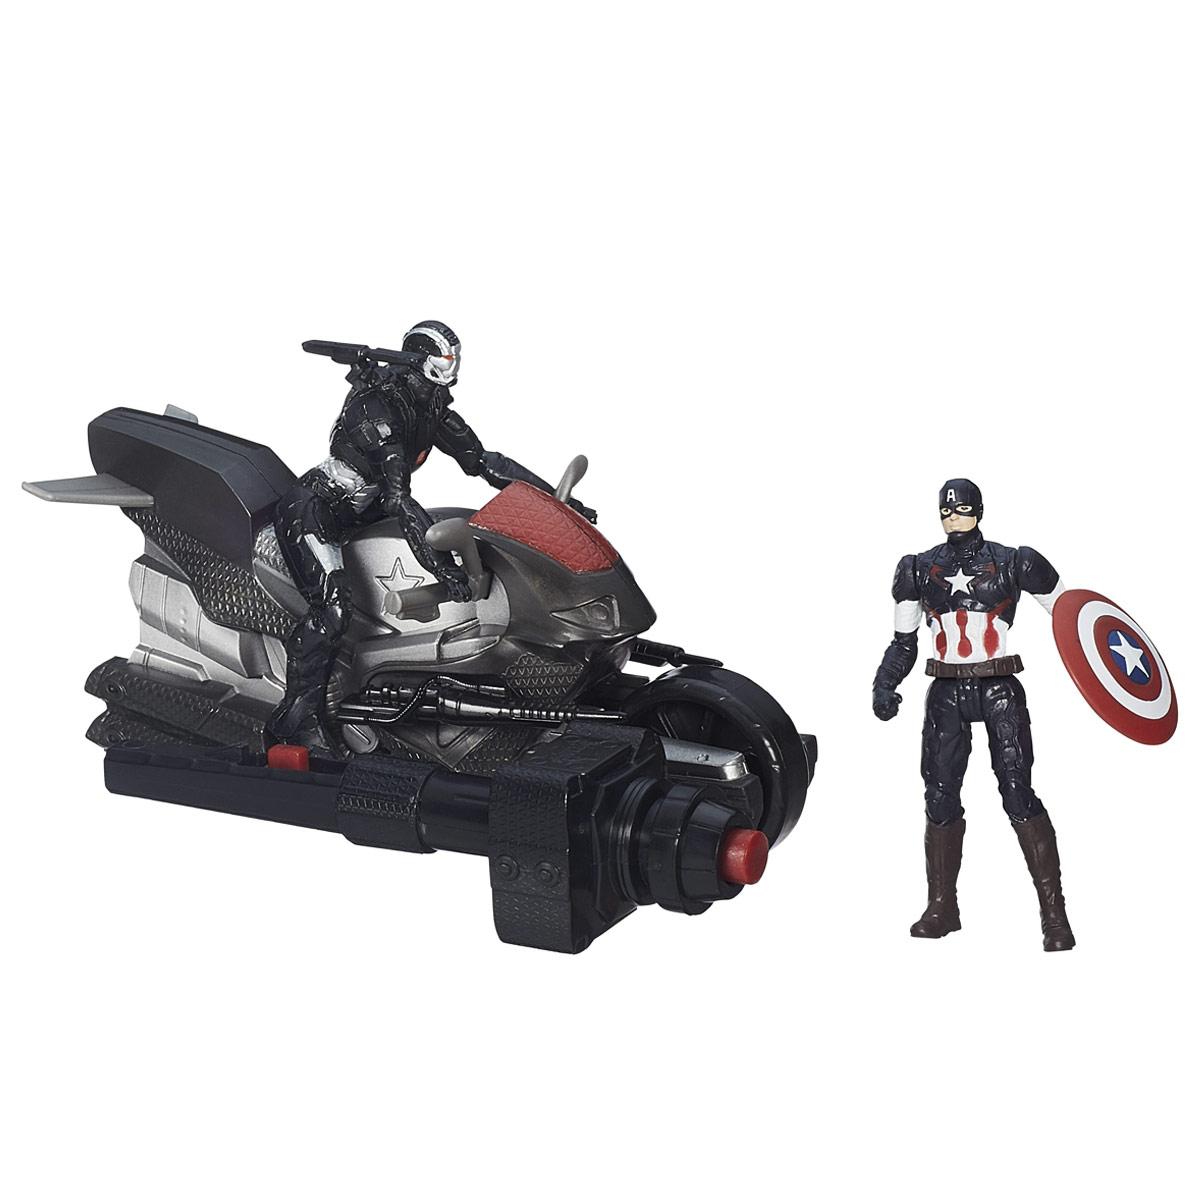 Игровой набор Avengers Captain America & Marvels War MachineB5769EU4_B1499Игровой набор Avengers Captain America & Marvels War Machine непременно привлечет внимание вашего ребенка и не позволит ему скучать. Набор включает в себя две фигурки супергероев - Капитана Америки и Воителя, а также мотоцикл для Воителя ключ зажигания. Фигурки выполнены из прочного безопасного пластика. Они в точности повторяют внешний вид героев фильма. Голова, руки и ноги фигурки Капитана Америки подвижны, что позволяет придавать ей различные позы и открывает малышу неограниченный простор для игр. При помощи оригинального пускового ключа, вы сможете запустить мотоцикл - вставьте его в специальное углубление, нажмите на кнопку, и мотоцикл быстро поедет вперед. Фигурки отличаются высоким качеством исполнения и детализации. Такой набор обязательно понравится вашему малышу, и он проведет множество счастливых мгновений, играя с ним и придумывая различные истории.